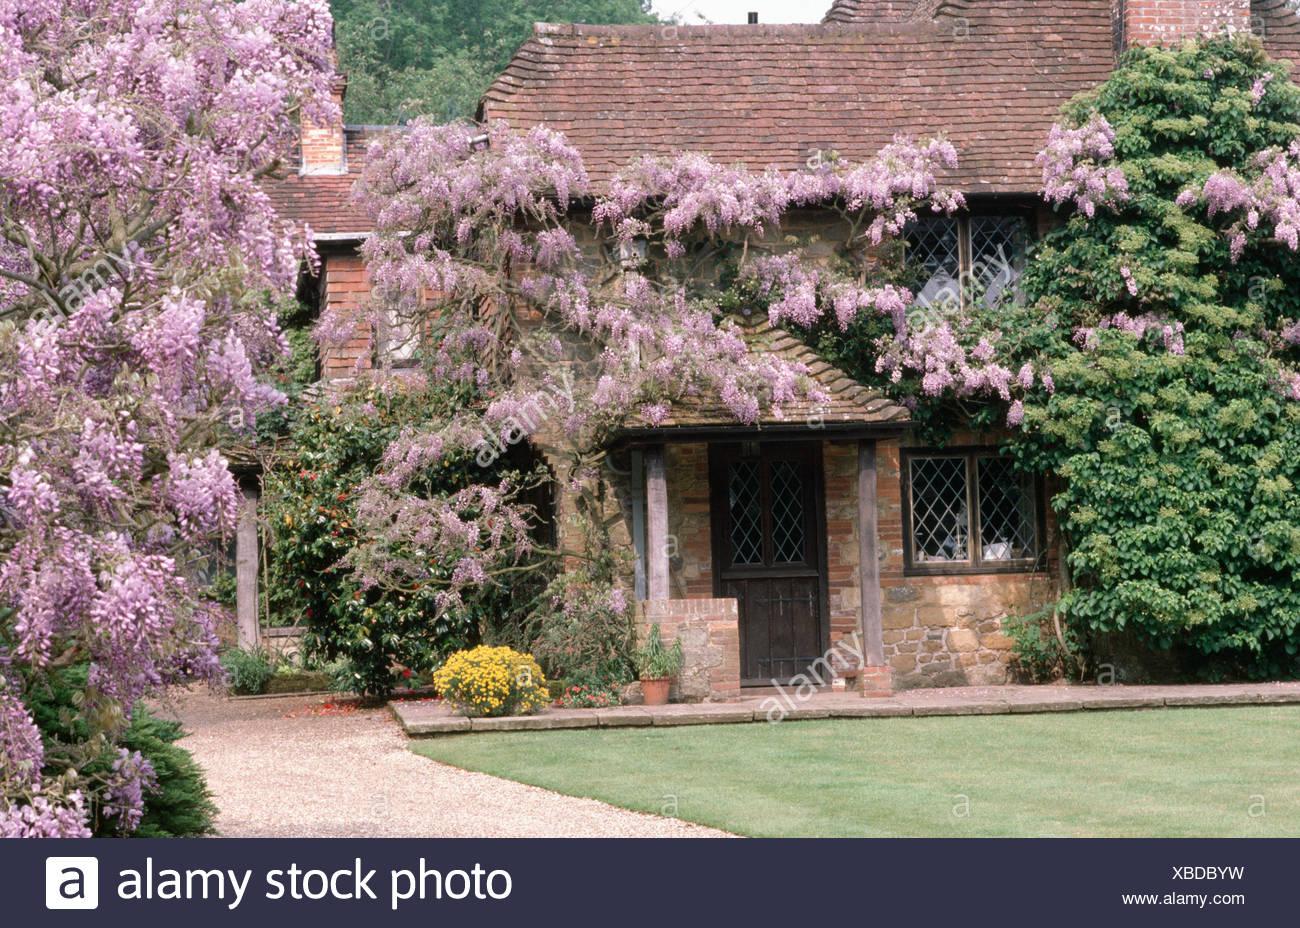 Esterno Casa Di Campagna esterno della casa di campagna con profusamente fioritura